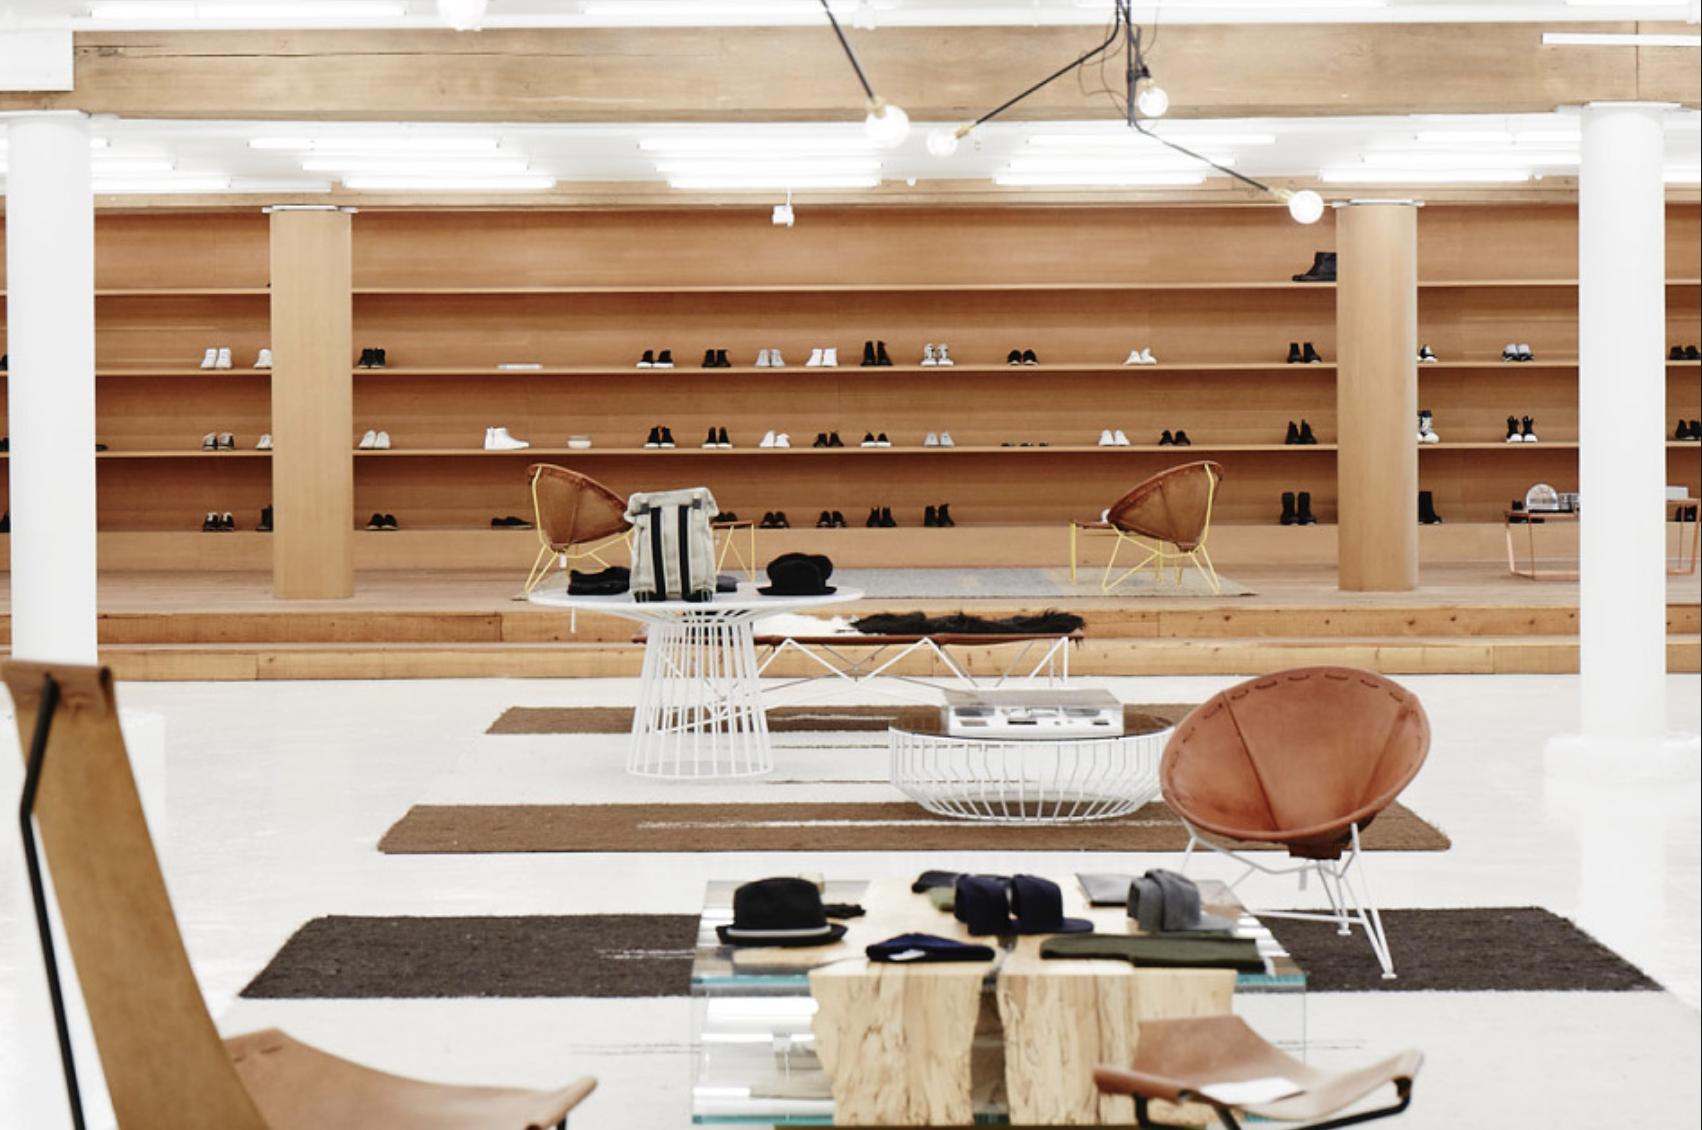 SHOP_  TOTOKAELO..  #ConceptStore #FusionStyle #Style   https://totokaelo.com/about/totokaelo/